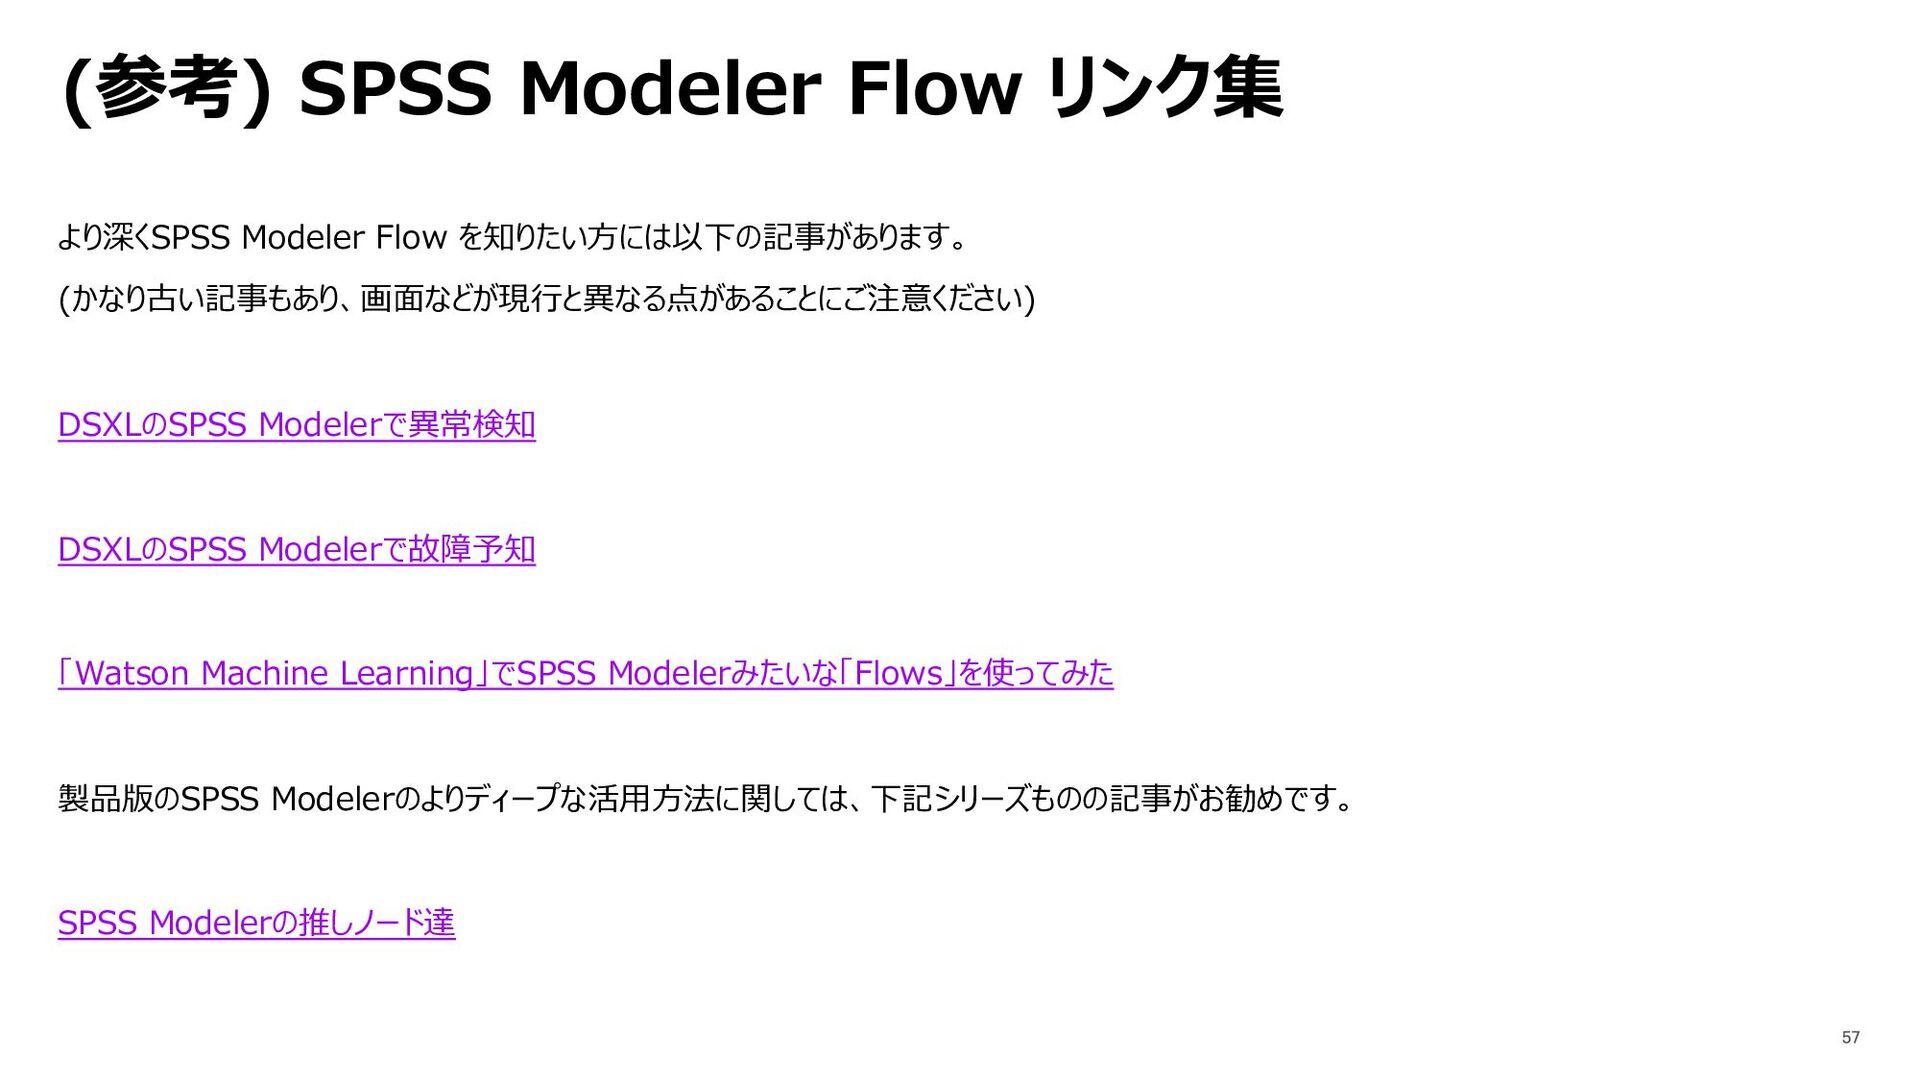 (参考) SPSS Modeler Flow リンク集 より深くSPSS Modeler Fl...